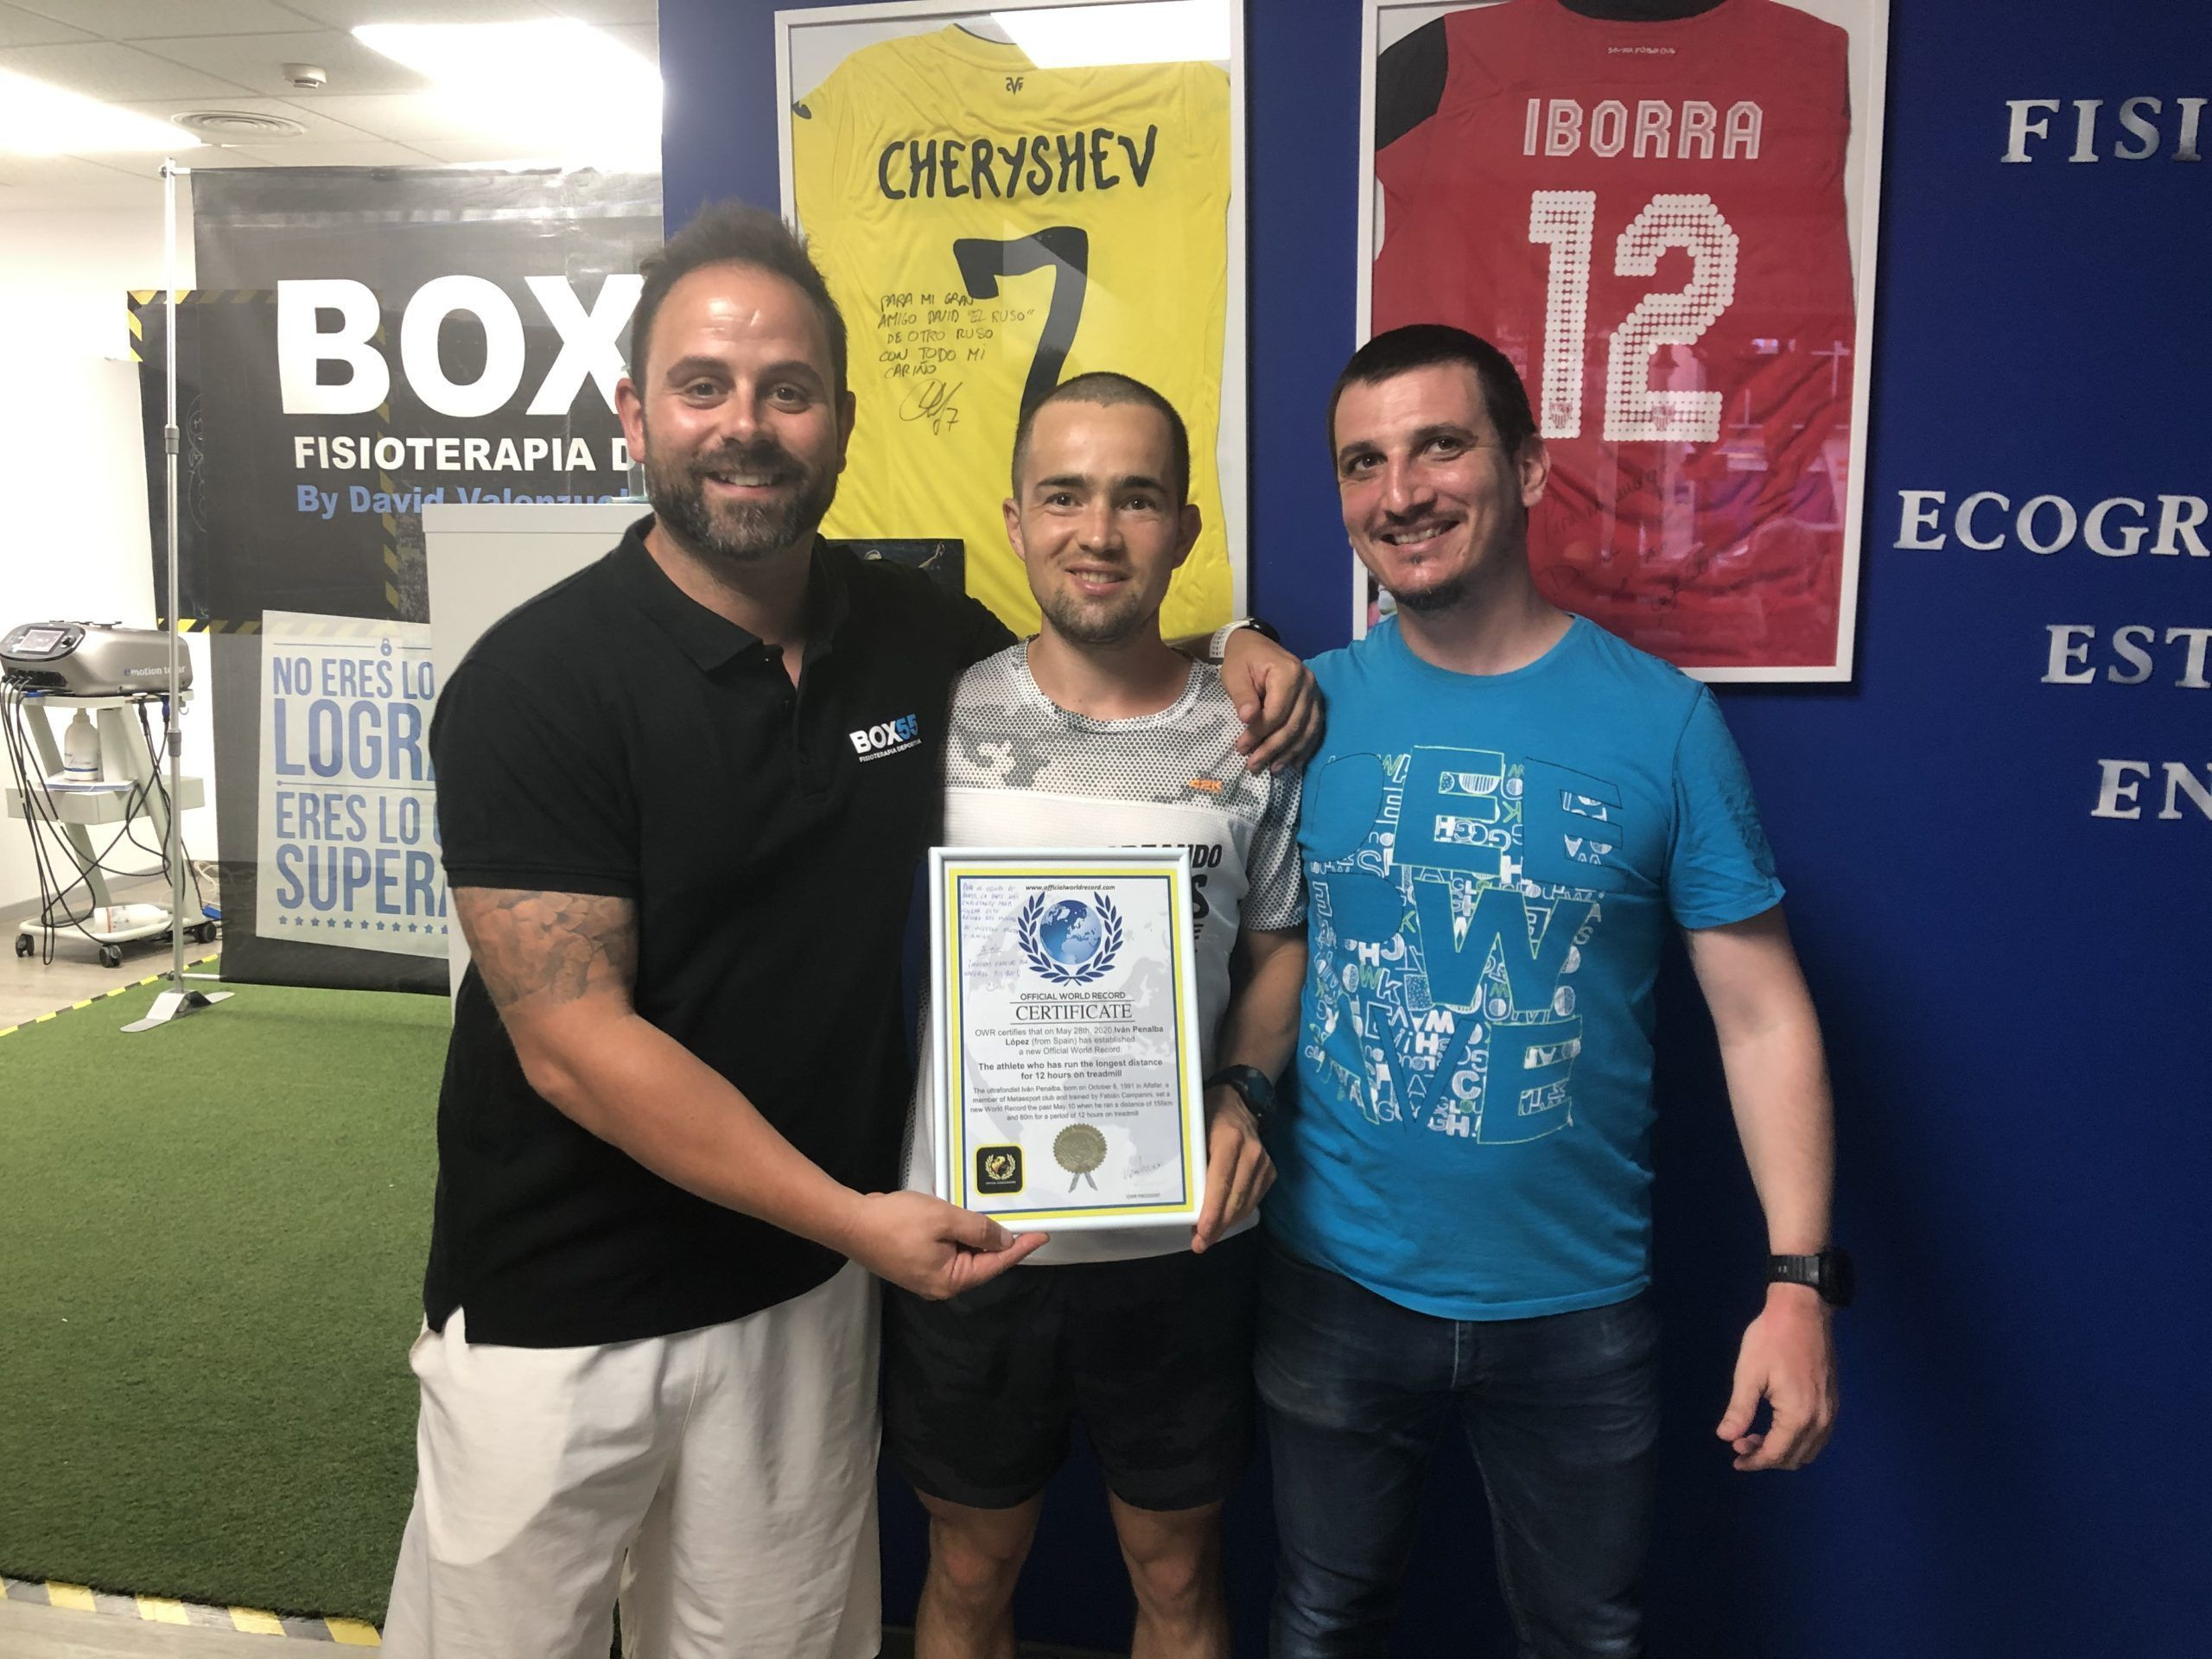 Un paciente de récord. Iván Penalba, con sus fisioterapeutas David Valenzuela y Pablo Salvador, ambos profesores de la CEU-UCH